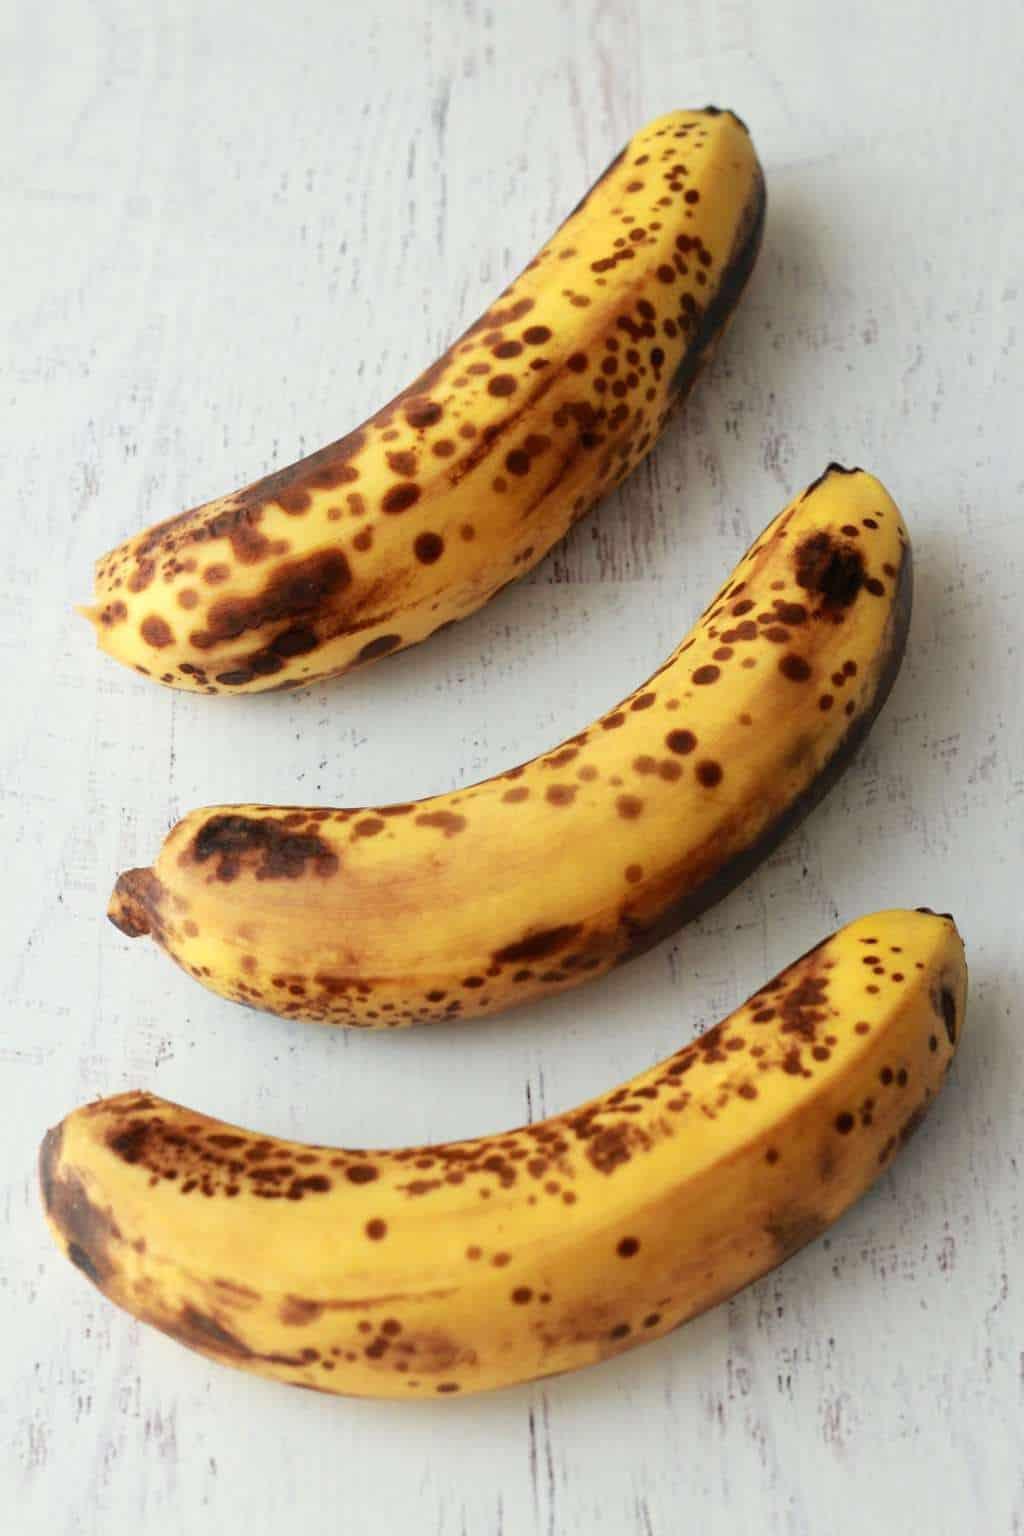 Making Vegan Chocolate Chip Banana Bread #vegan #lovingitvegan